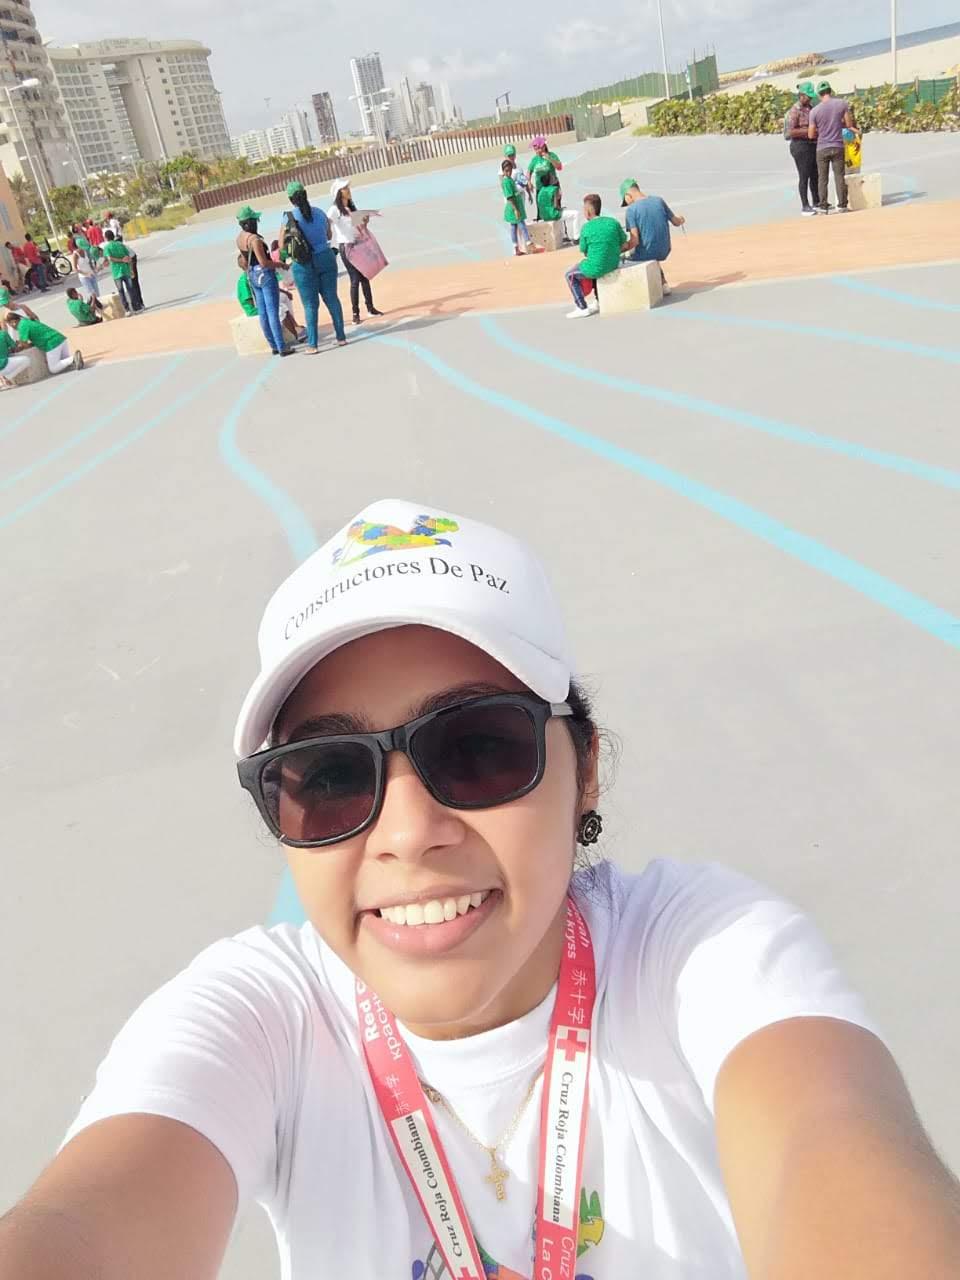 - La coordinadora del proyecto Constructores de Paz y Reconciliación Claudia Rivera Cisnero ha escribiendo sobre una actividad con este proyect en el sabado pasado.